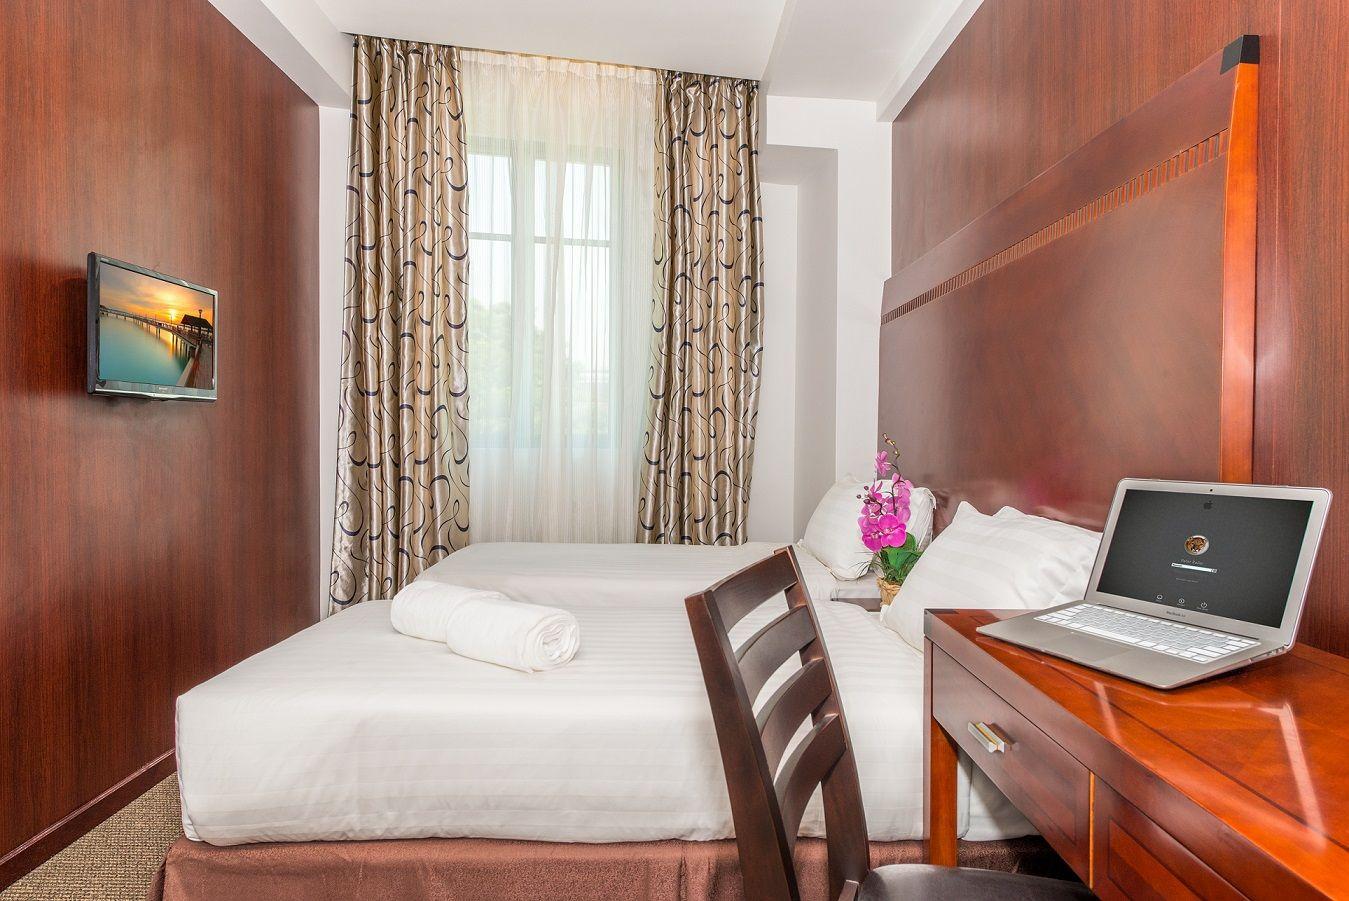 Santa Grand Hotel West Coast, Queenstown